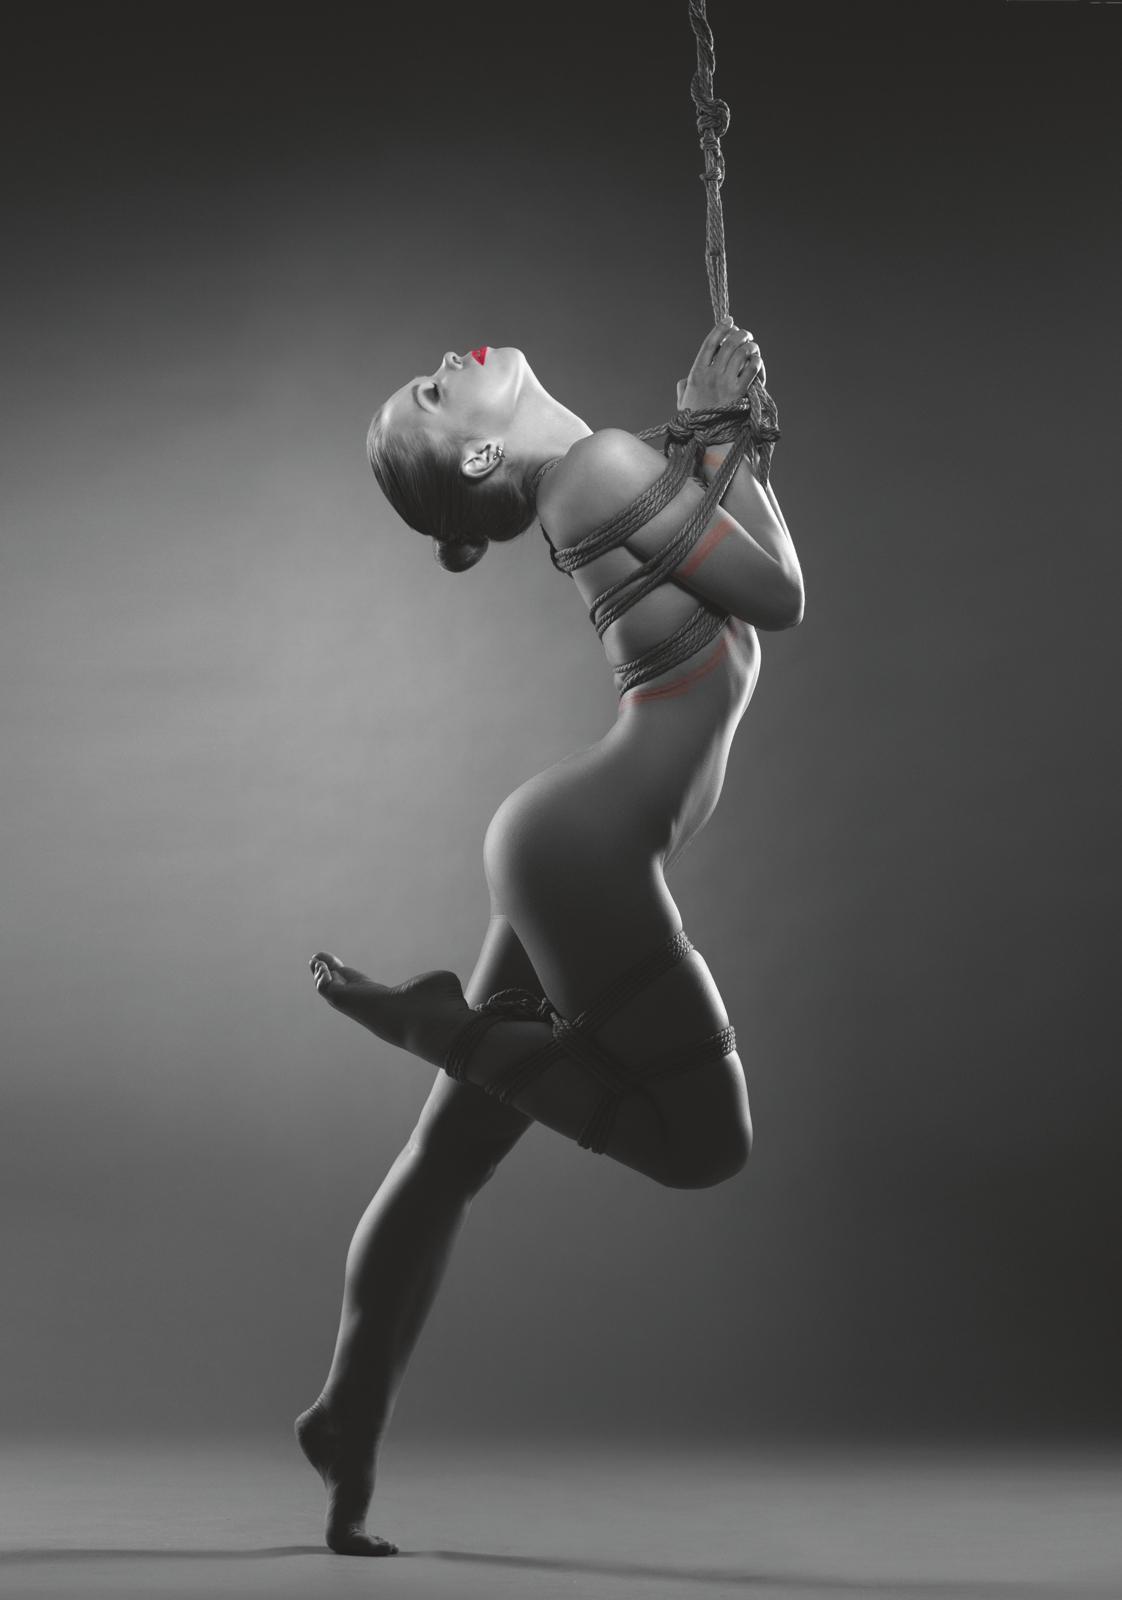 Связанные балерины бдсм 4 фотография